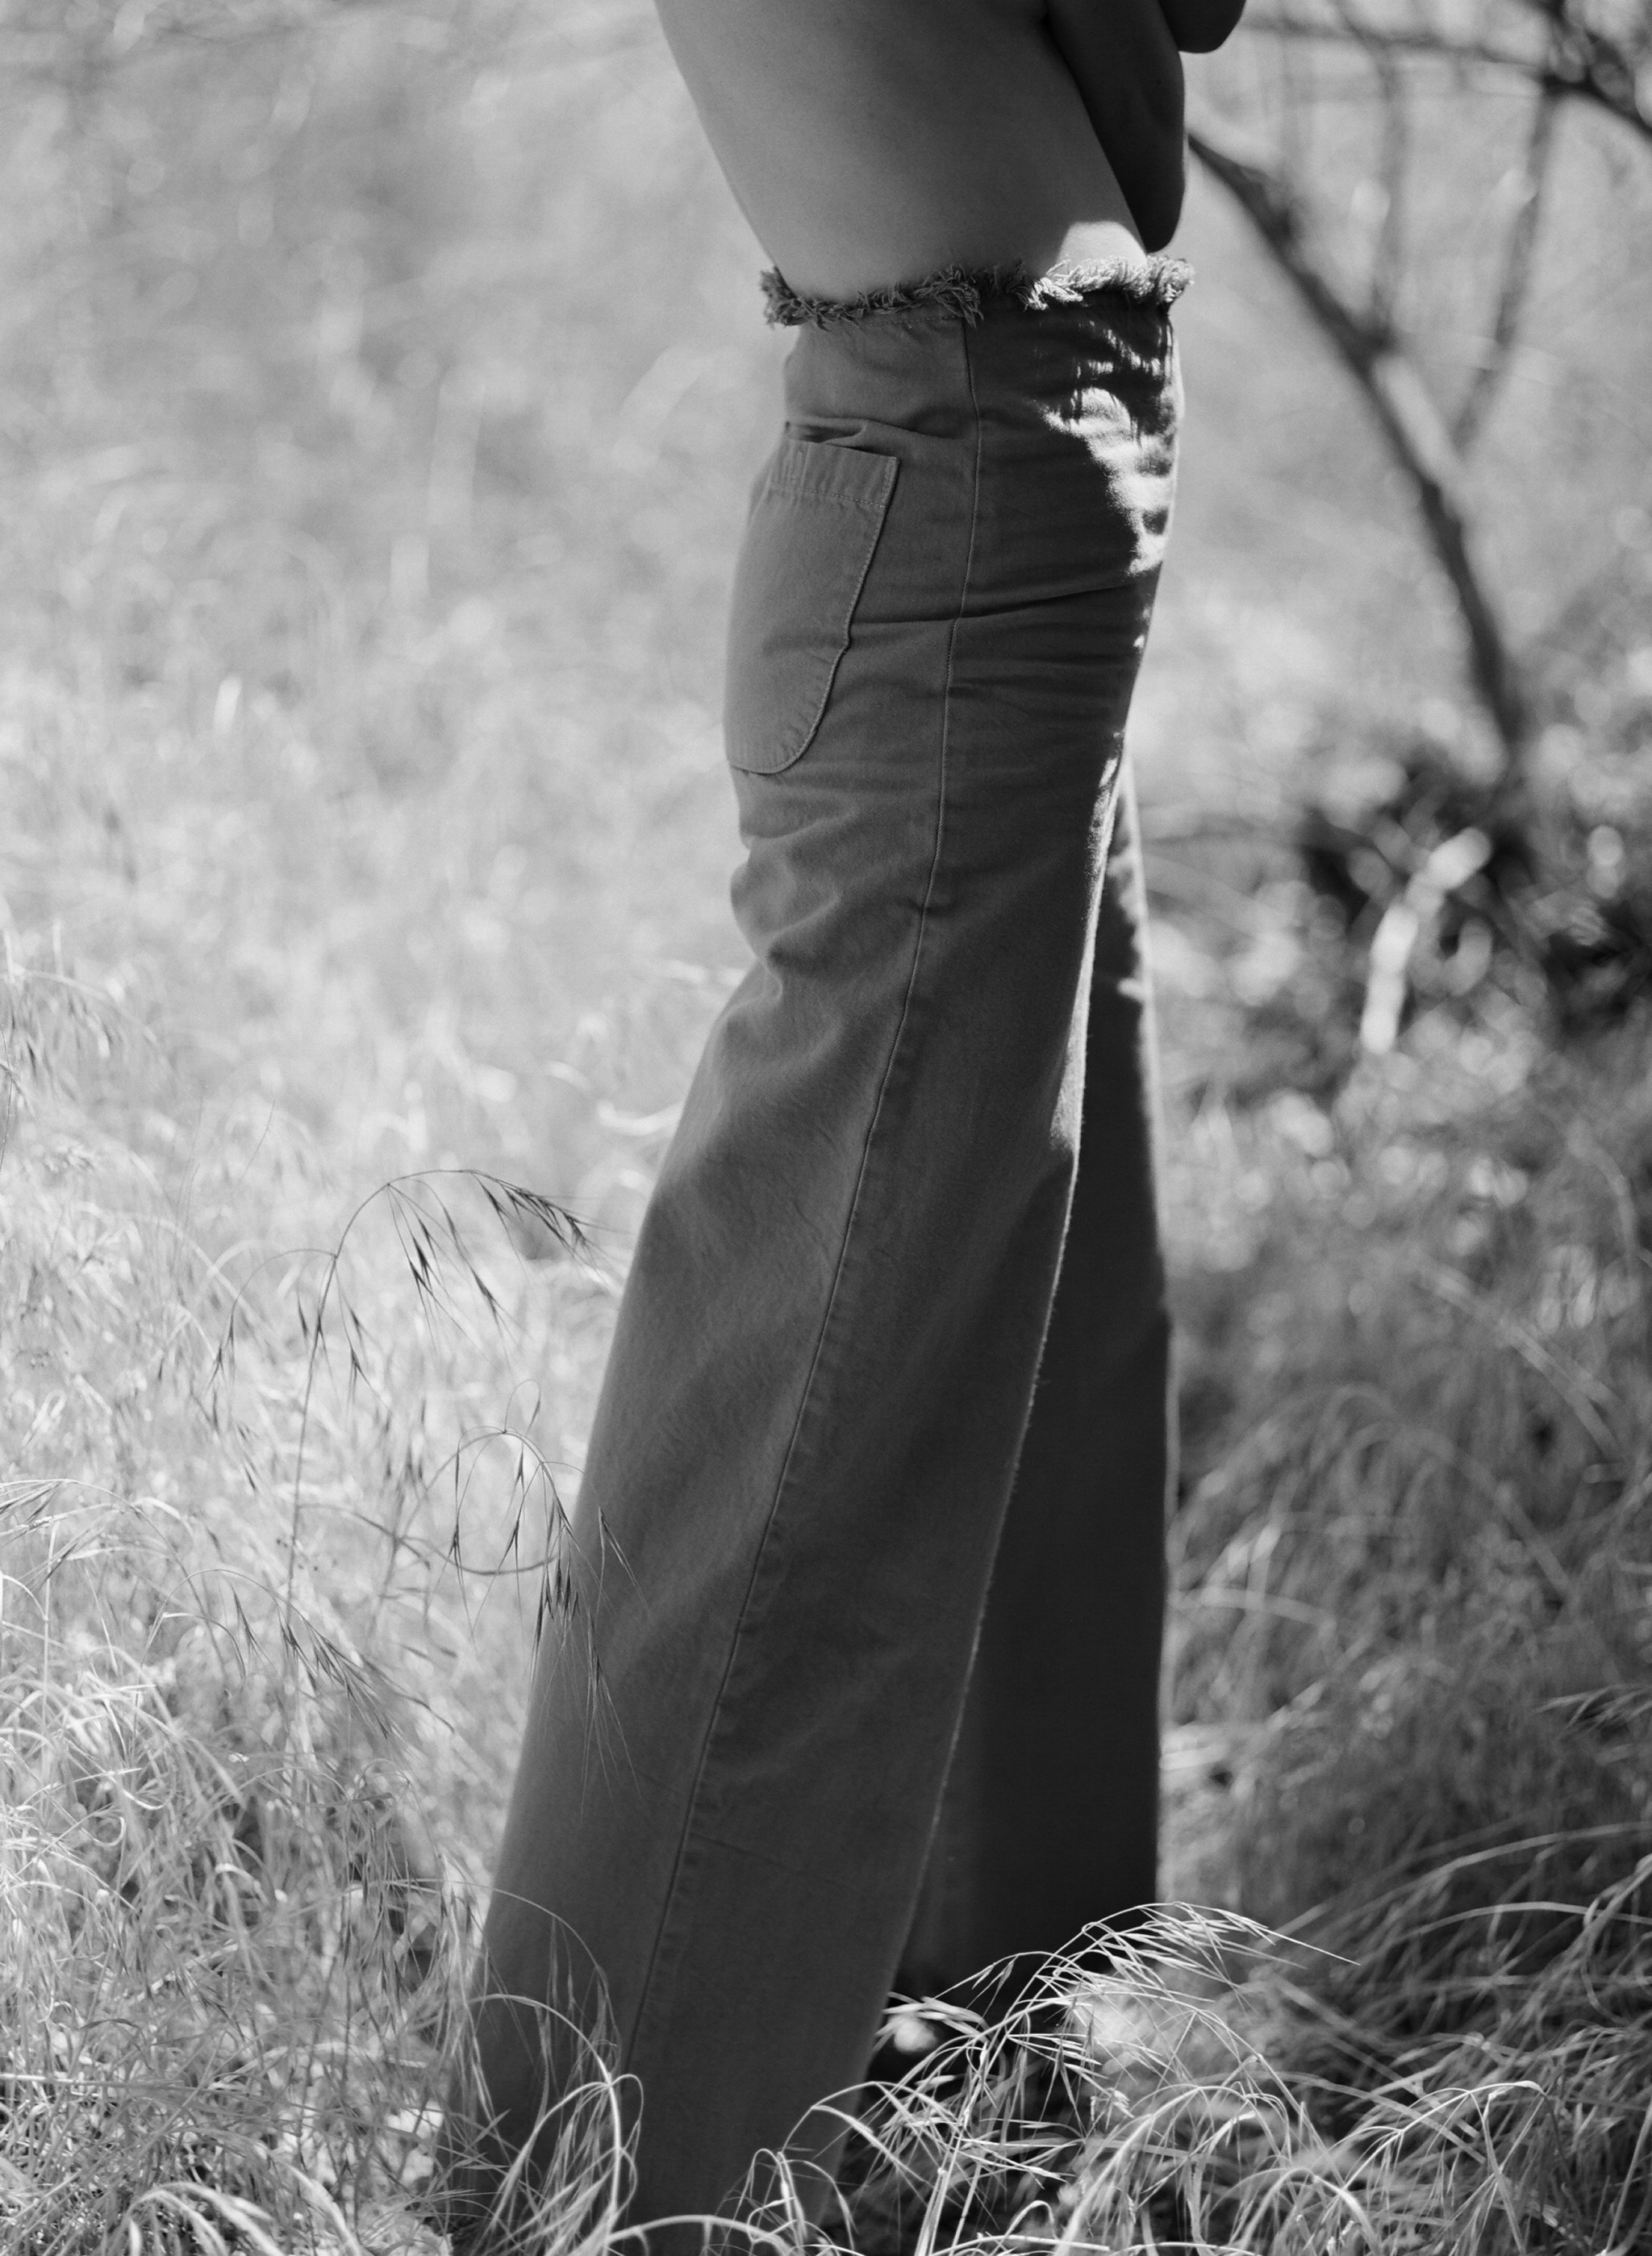 En moda, la palabra timeless se utiliza para definir esas piezas icónicas que son capaces de sobrevivir al ritmo acelerado de las tendencias (el trench, el bolso Birkin, el abrigo camel o los Levi's 501); para calificar el outfit clásico frente al trendy; describir la elegancia sin esfuerzo de mujeres como Carolyn Bessette o Caroline de Maigret y el estilo sobrio y sofisticado de firmas como Shaina Mote, Lauren Manookian, The Row, Totême o Lemaire. Hasta marcas low cost como Zara lo han tomado para dar nombre a sus colecciones. Foto: Shaina Mote.